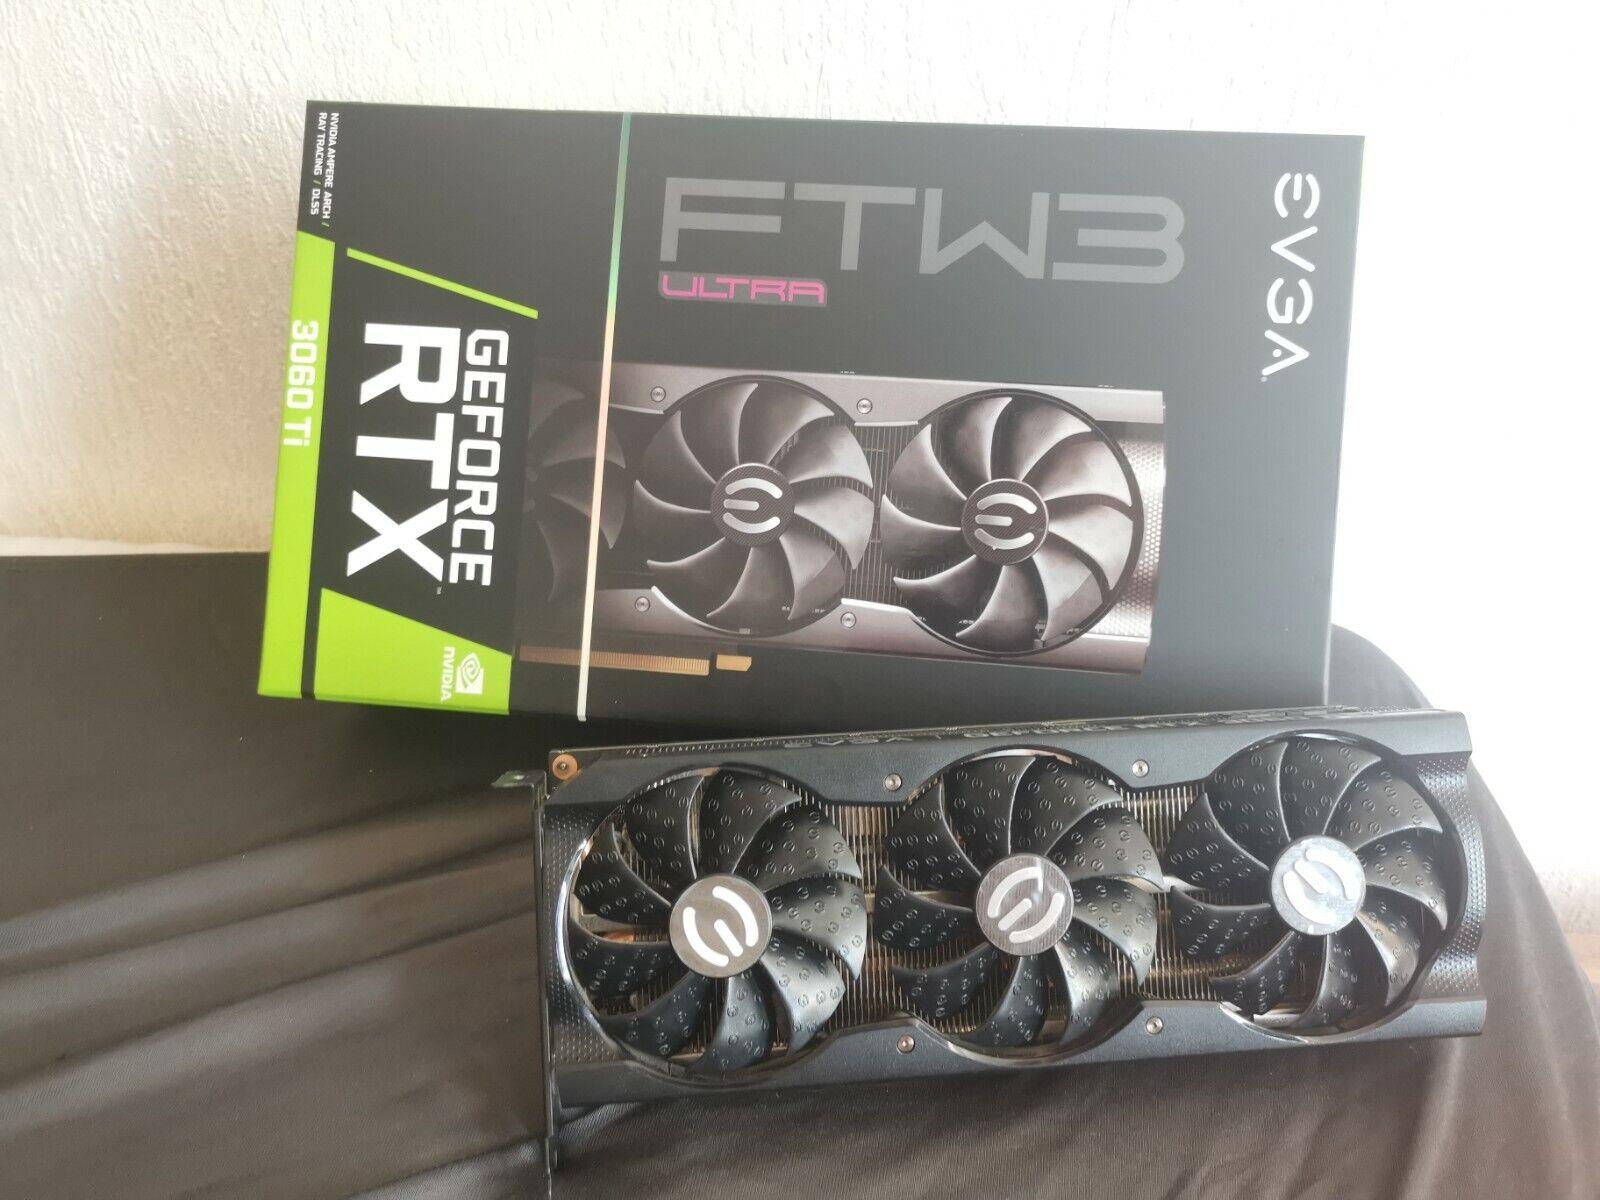 [NO LHR] EVGA GeForce RTX 3060 Ti FTW3 ULTRA GAMING 8GB GDDR6 Grafikkarte DEFEKT